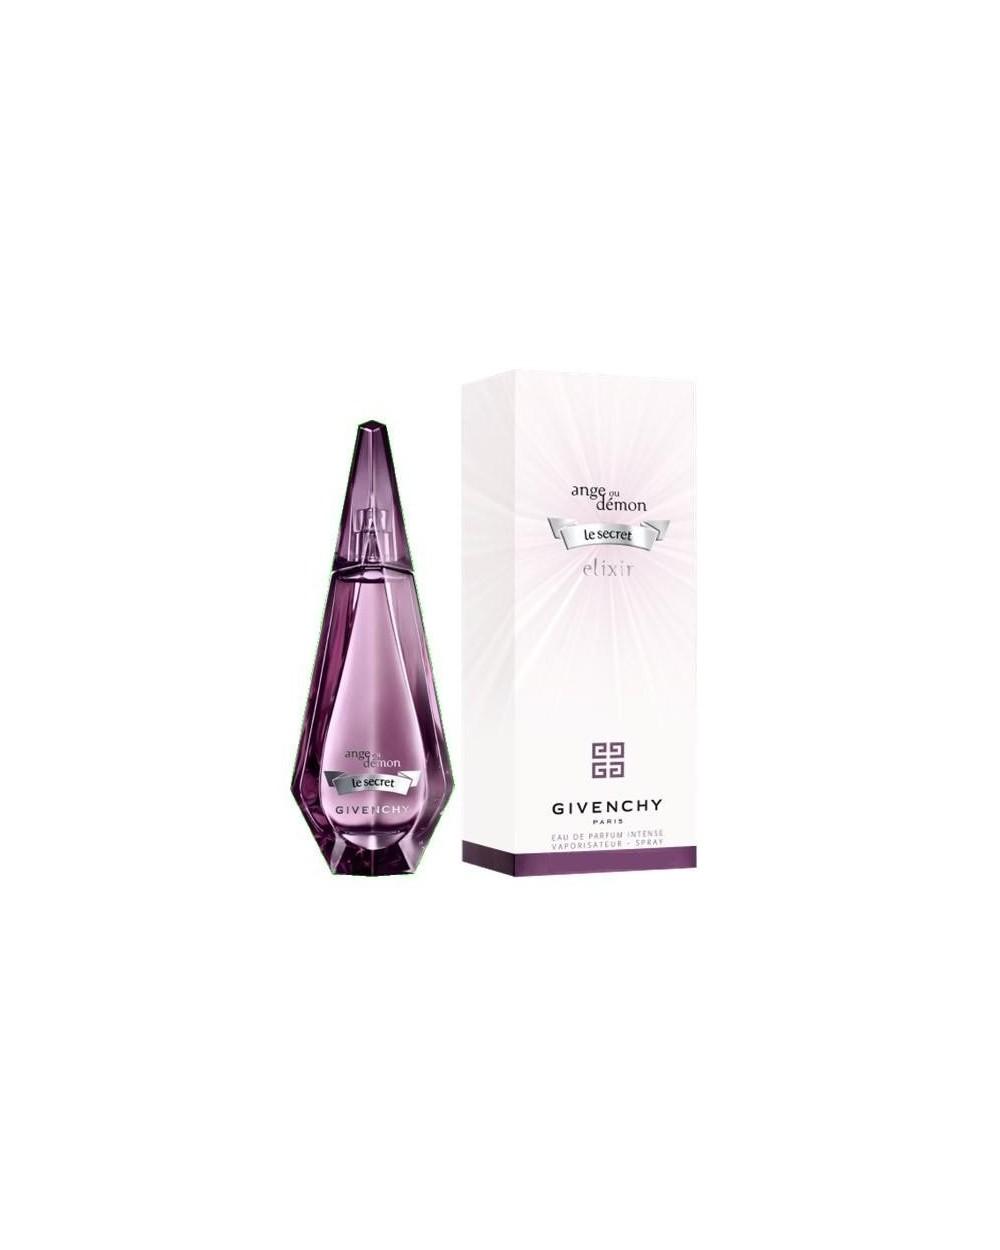 Givenchy Ange Ou Demon Le Secret Elixir Eau De Parfum 50ml Sovrana